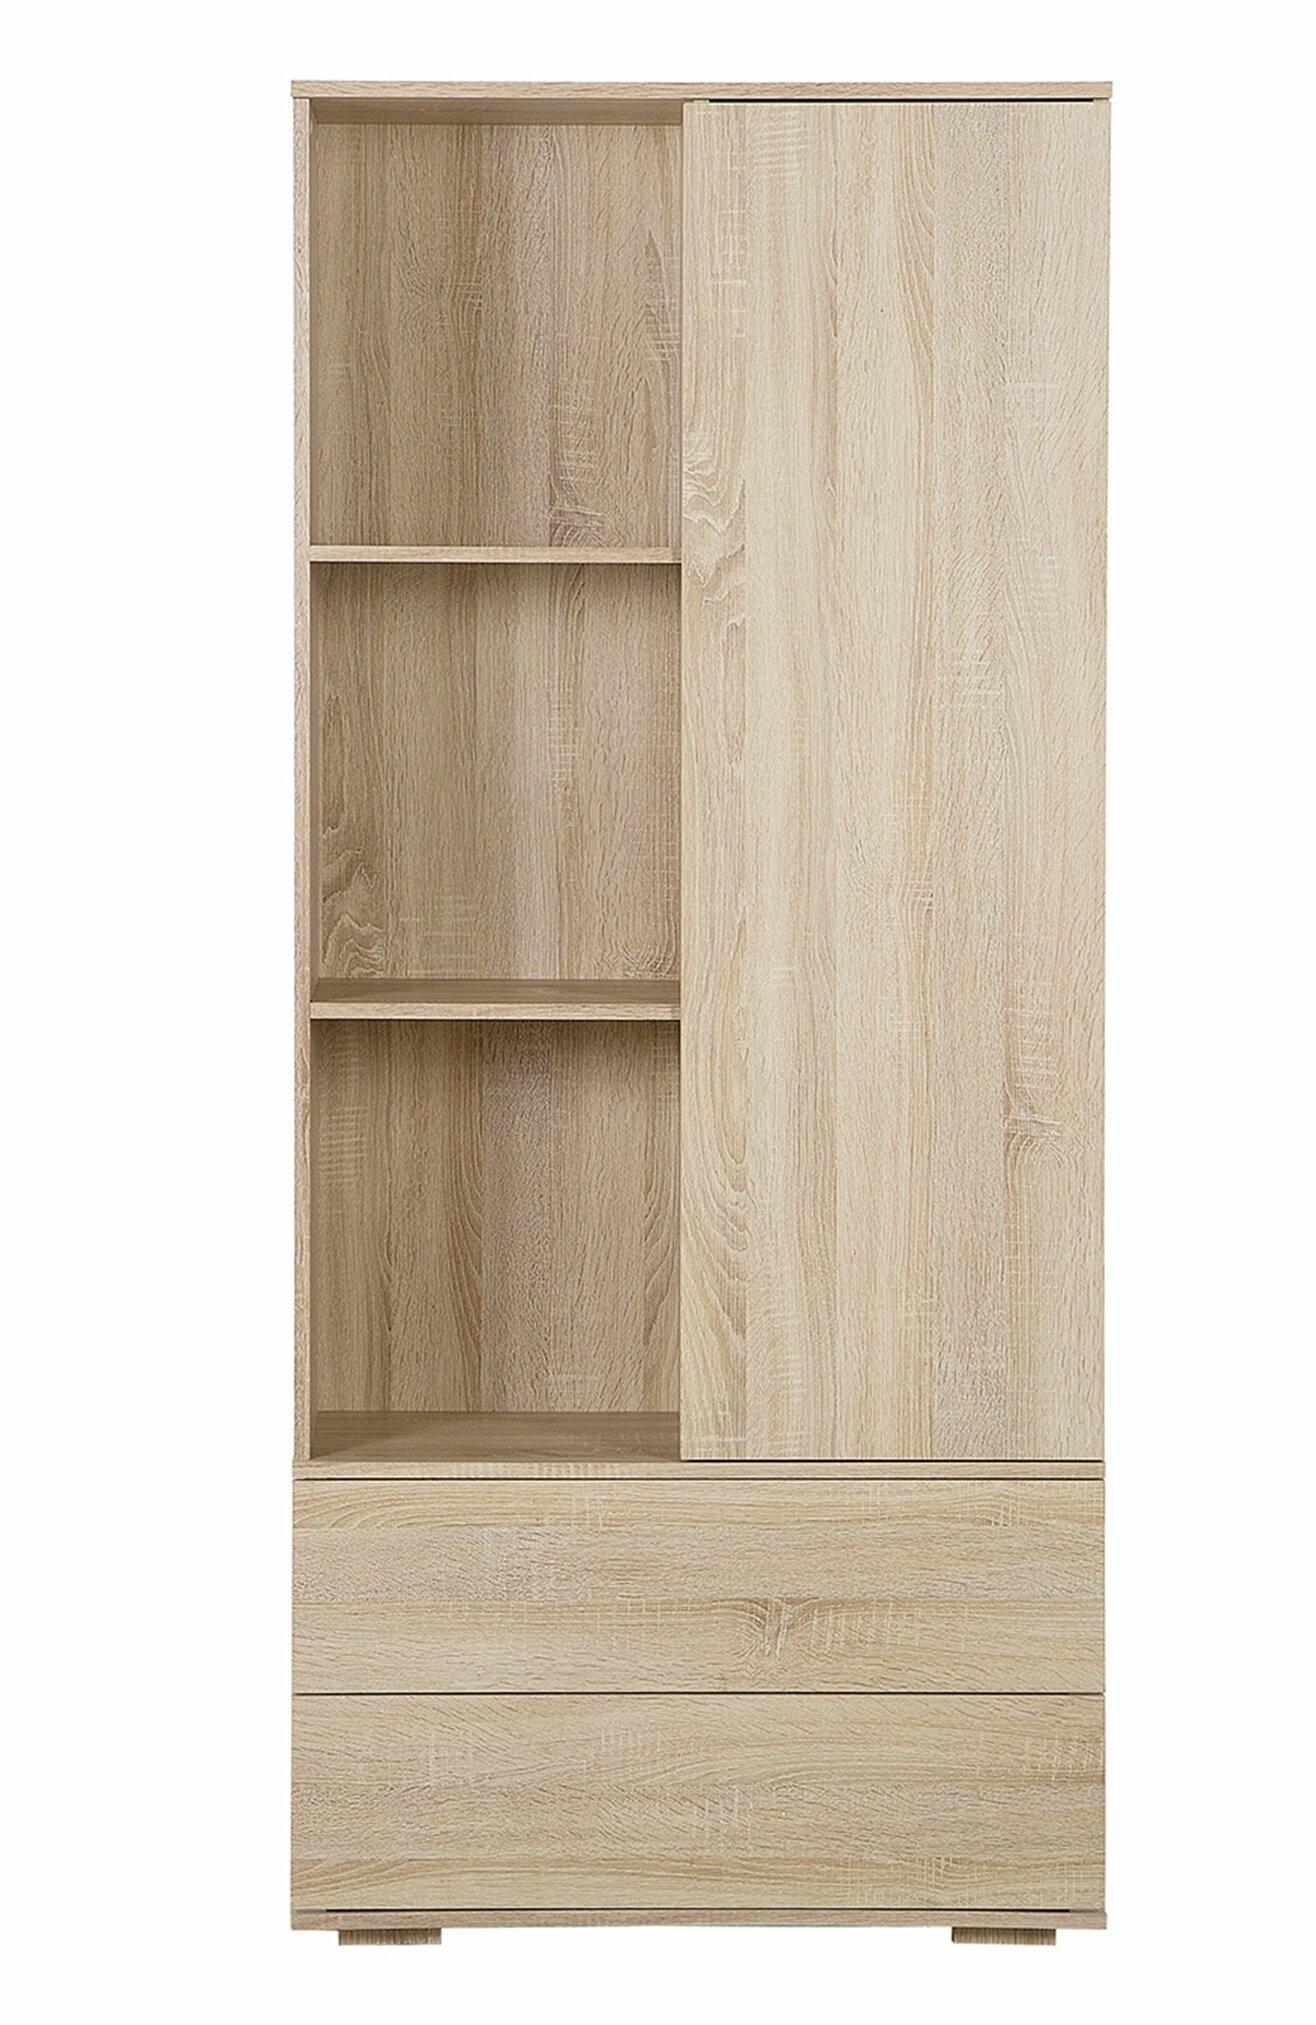 Whitt Living Room 1 Door Accent Cabinet